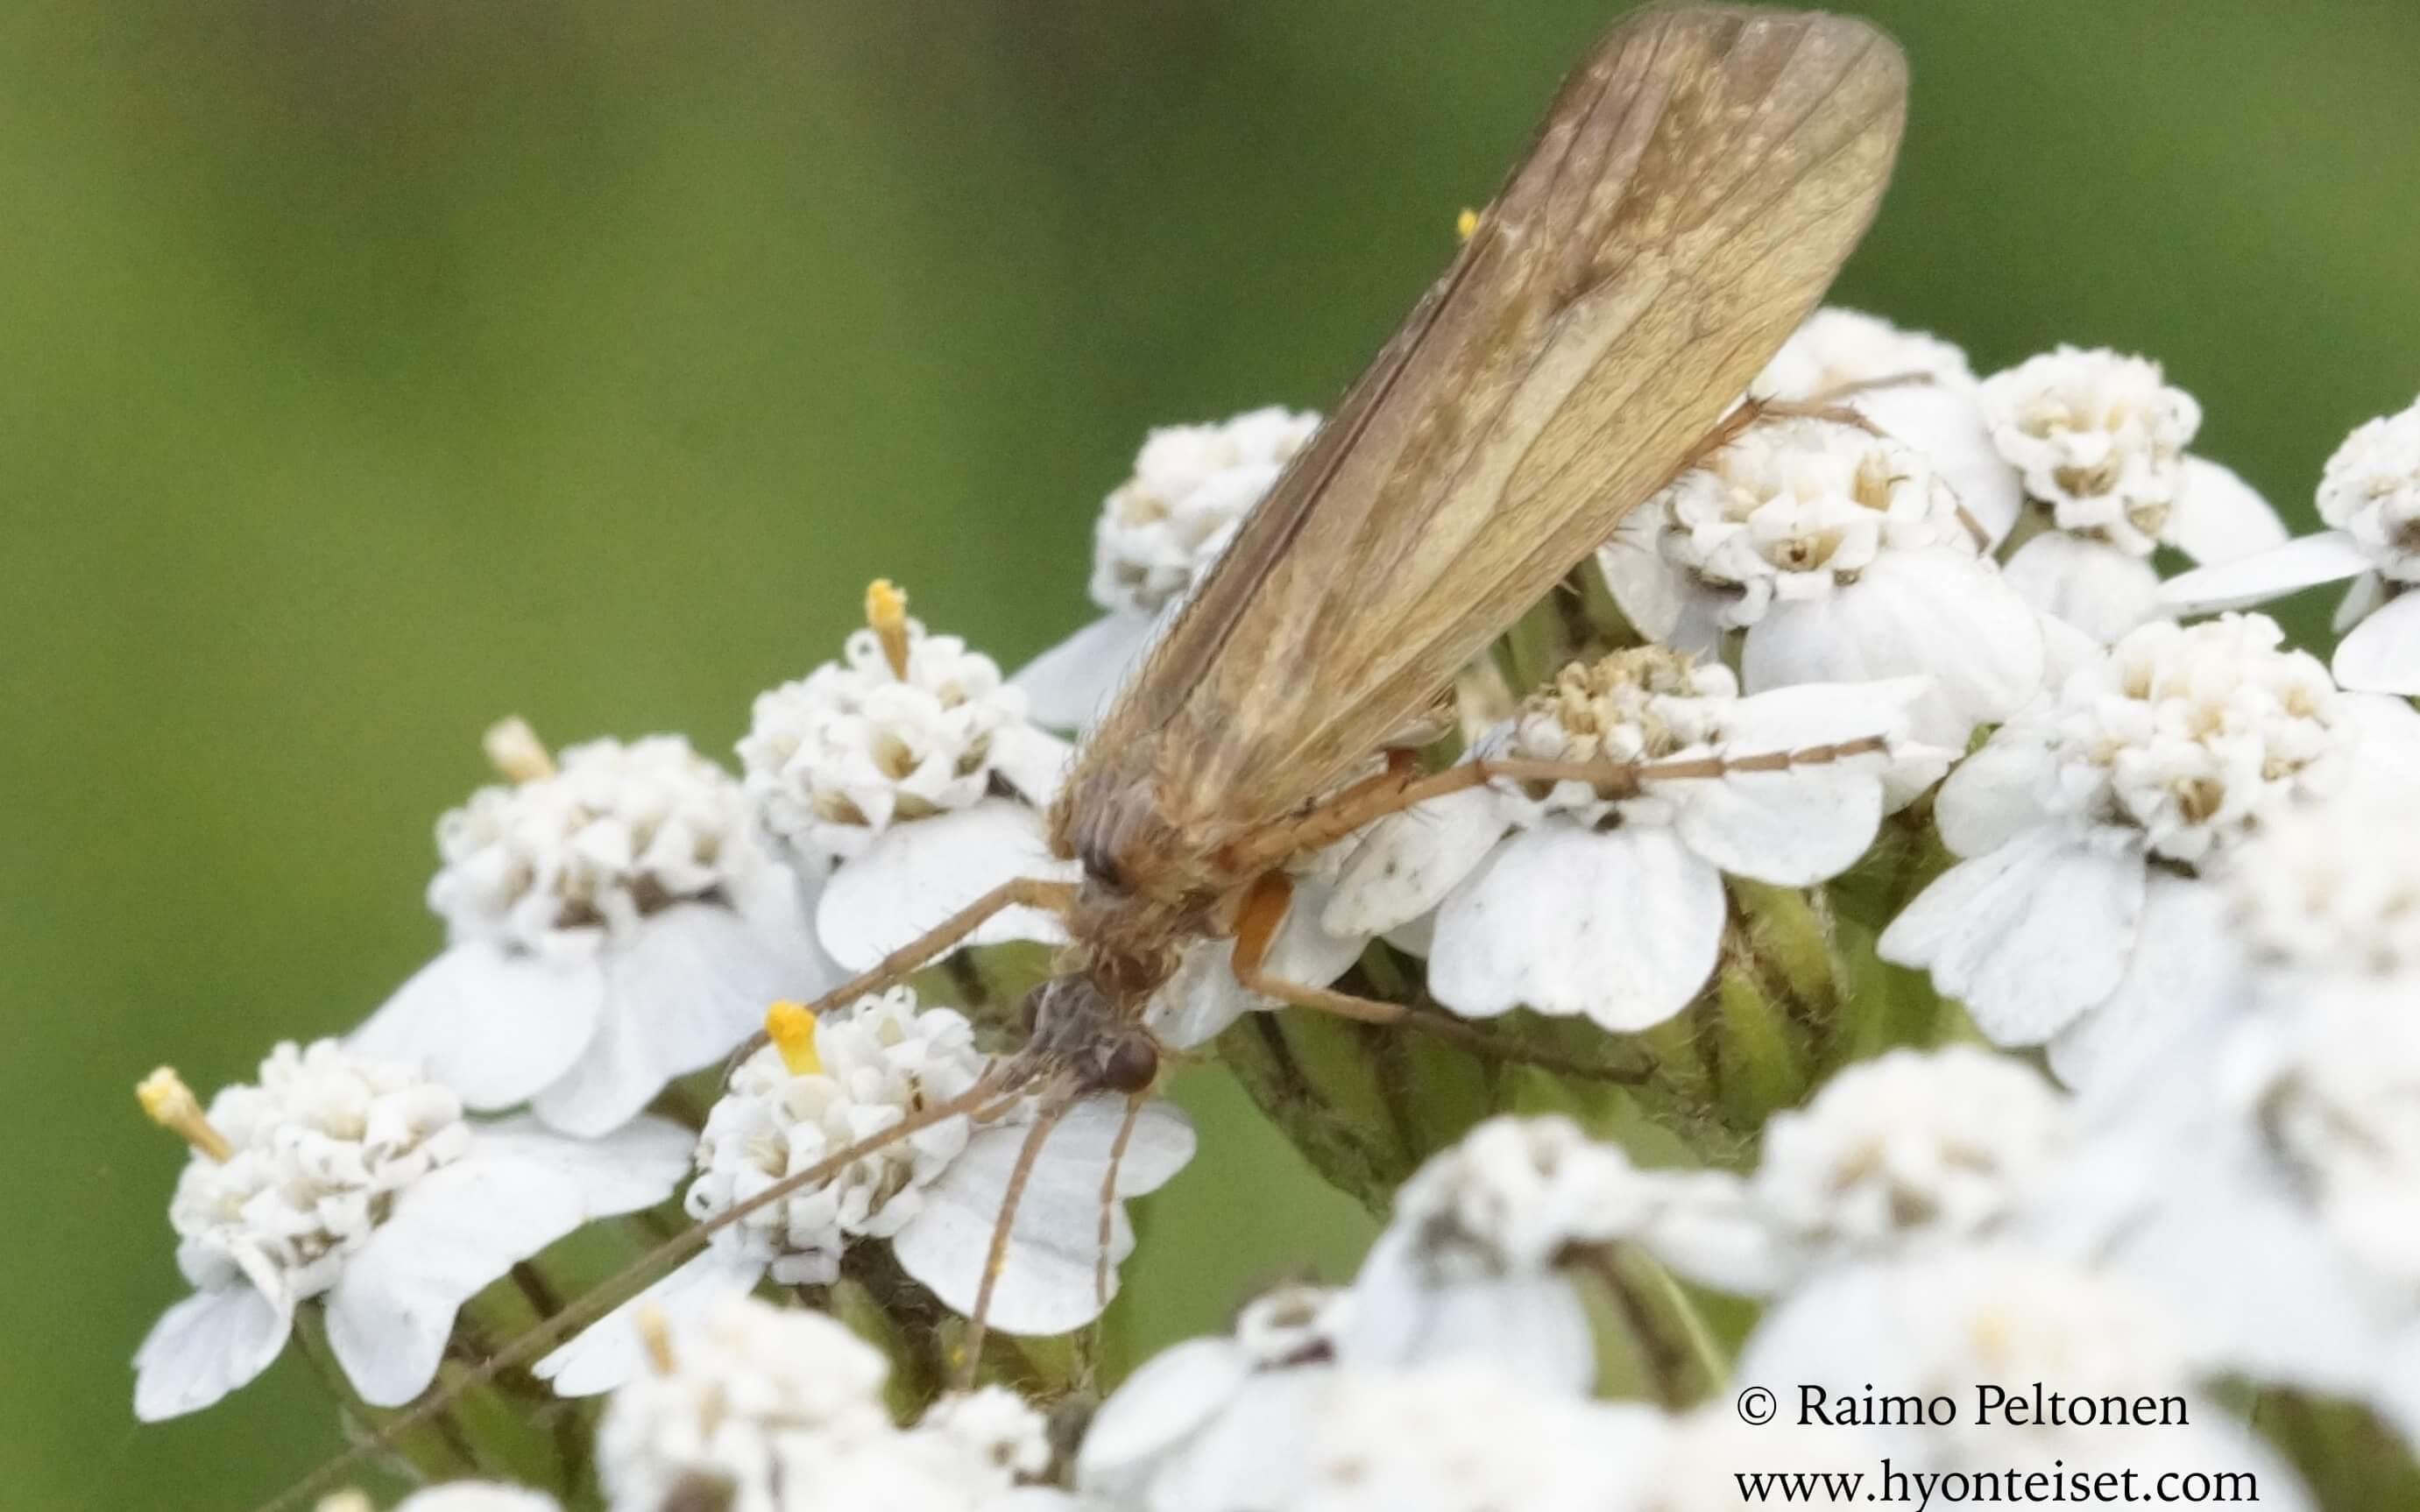 Limnephilus nigriceps (det. Juha Salokannel)